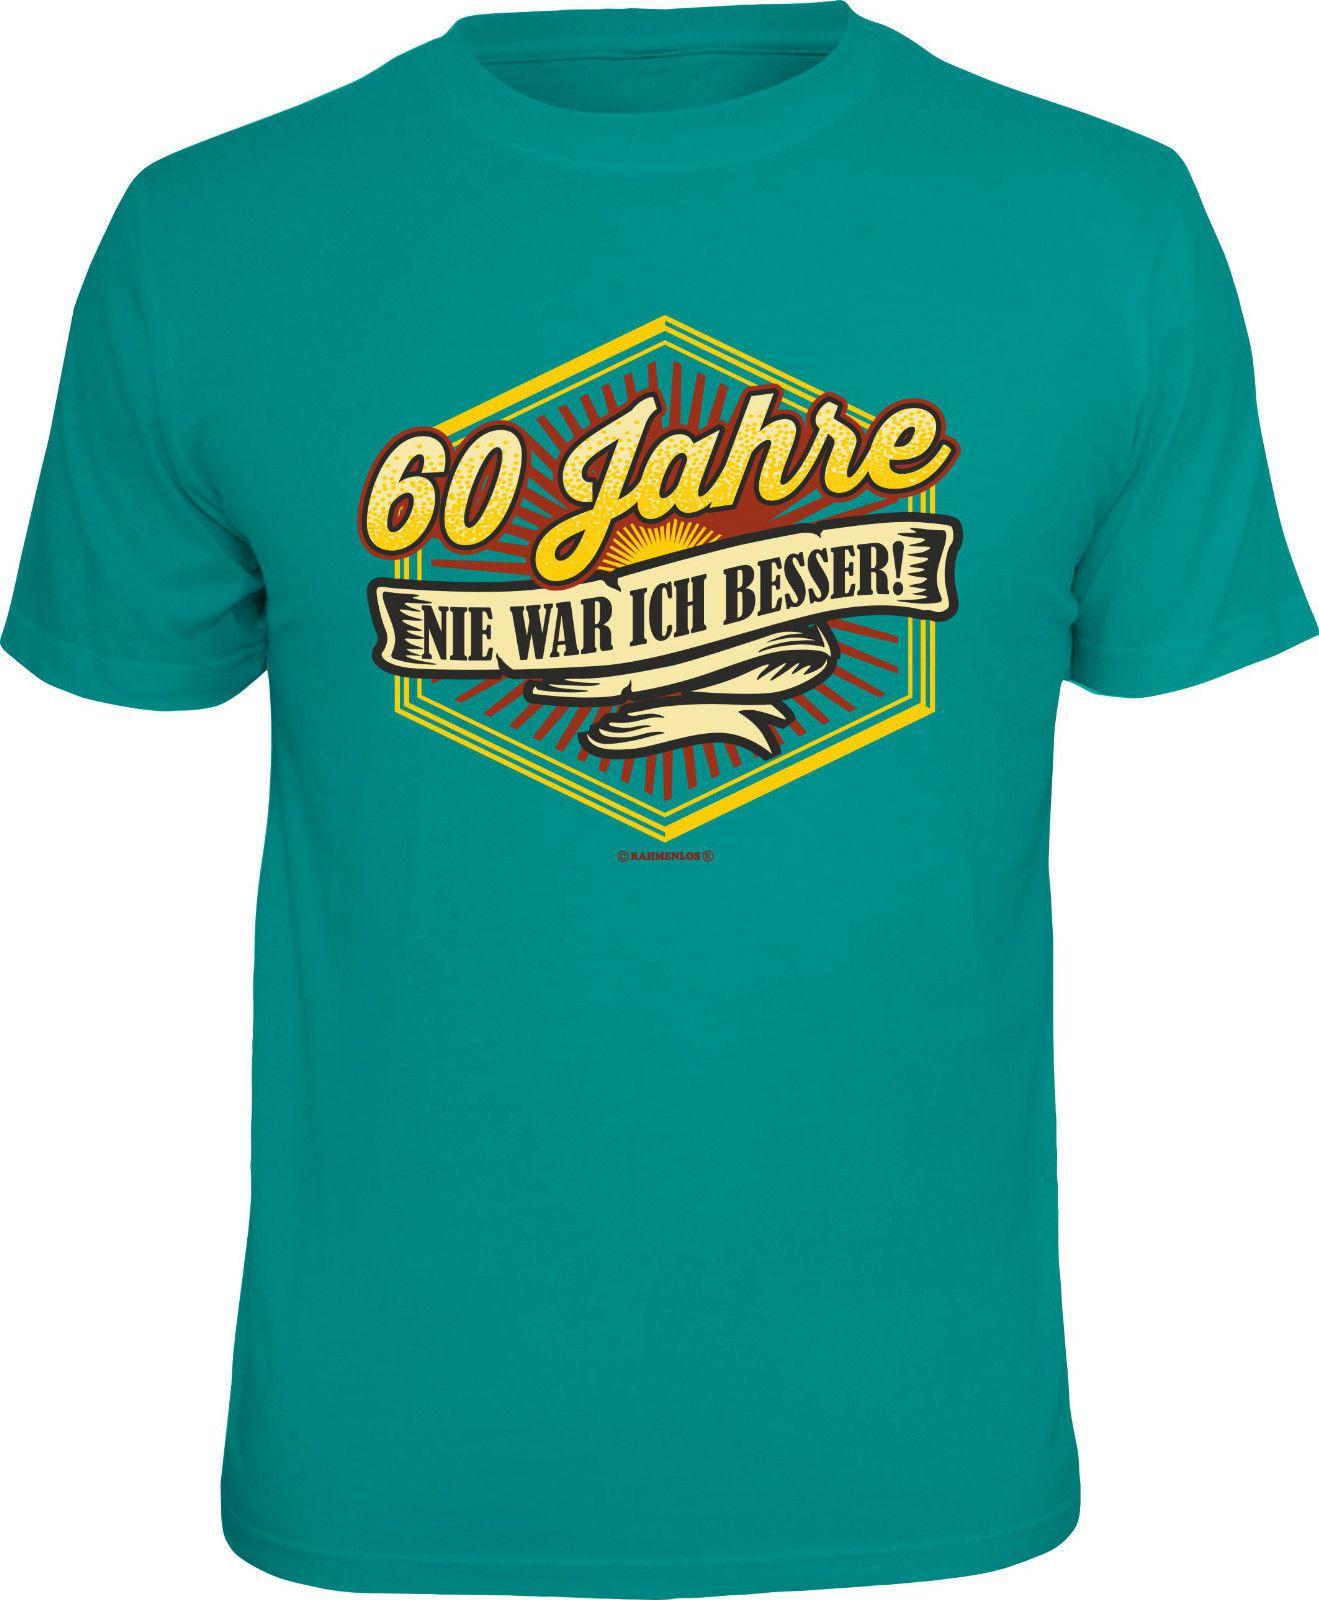 Geburtstag T Shirt 60 Jahre Nie War Ich Besser Shirt Geschenk Geil